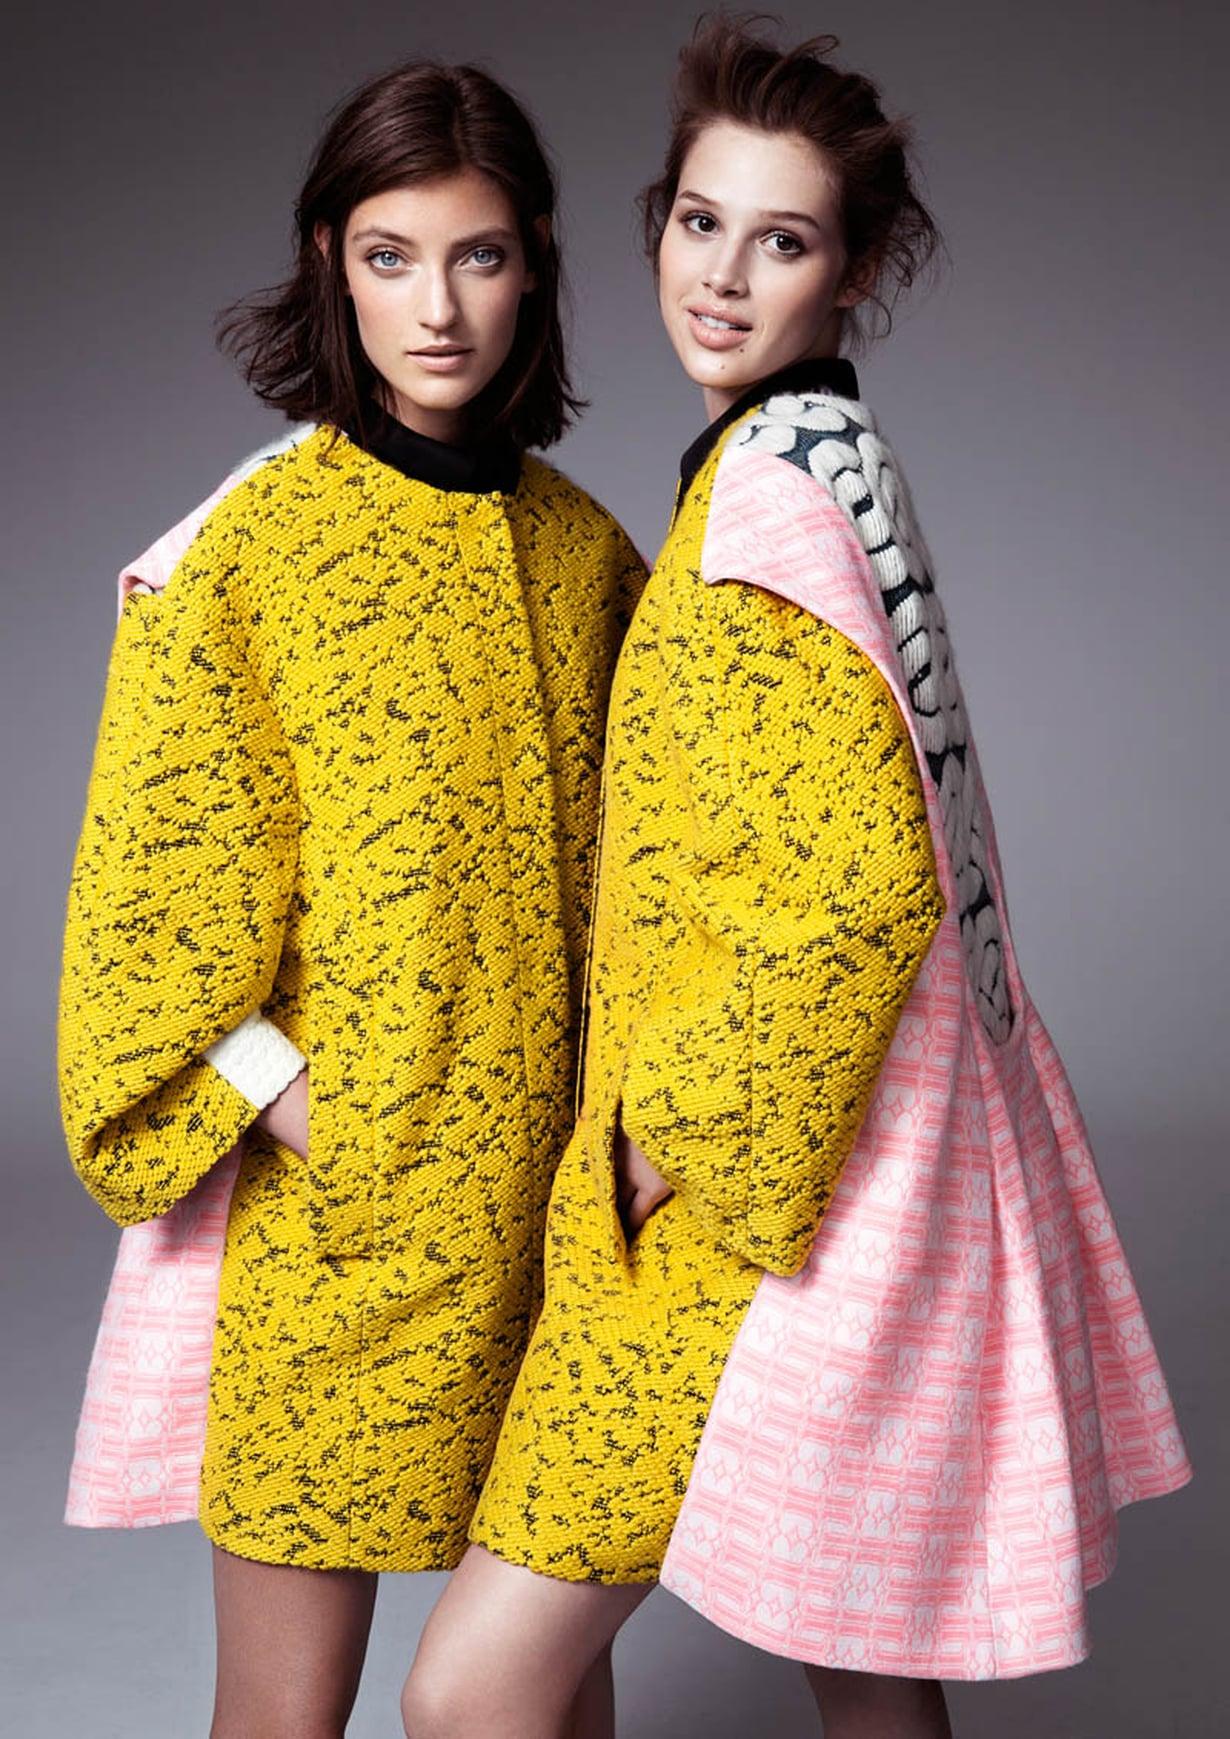 hm-fashion-minju-kim8